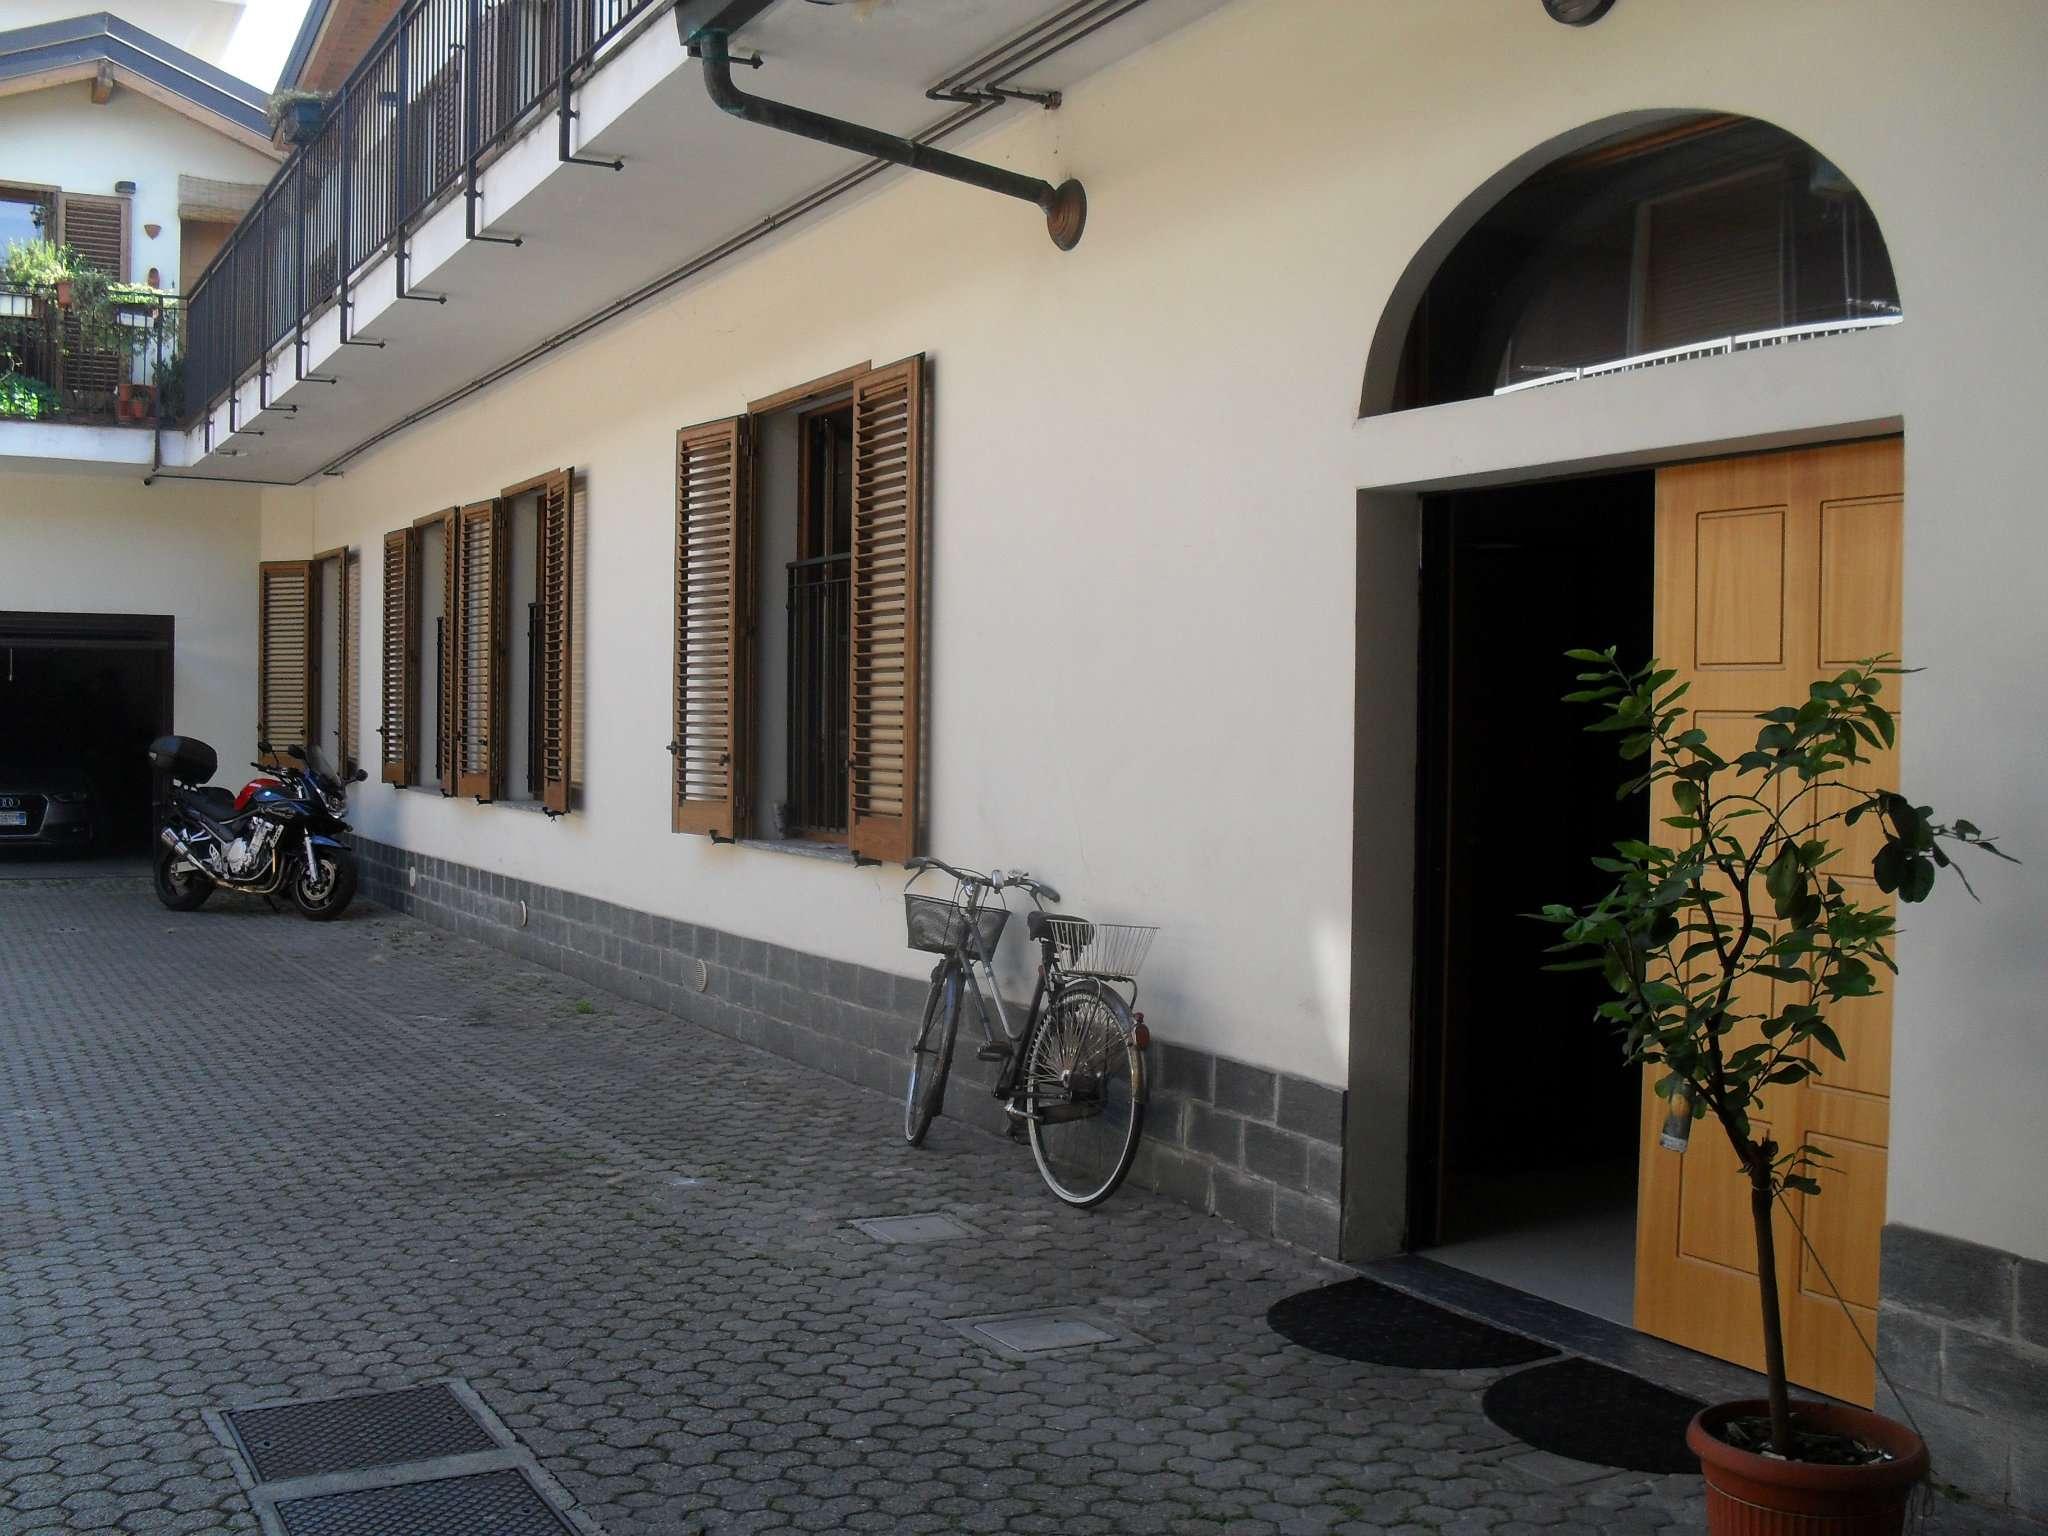 Laboratorio in affitto a Lissone, 1 locali, prezzo € 800 | Cambio Casa.it